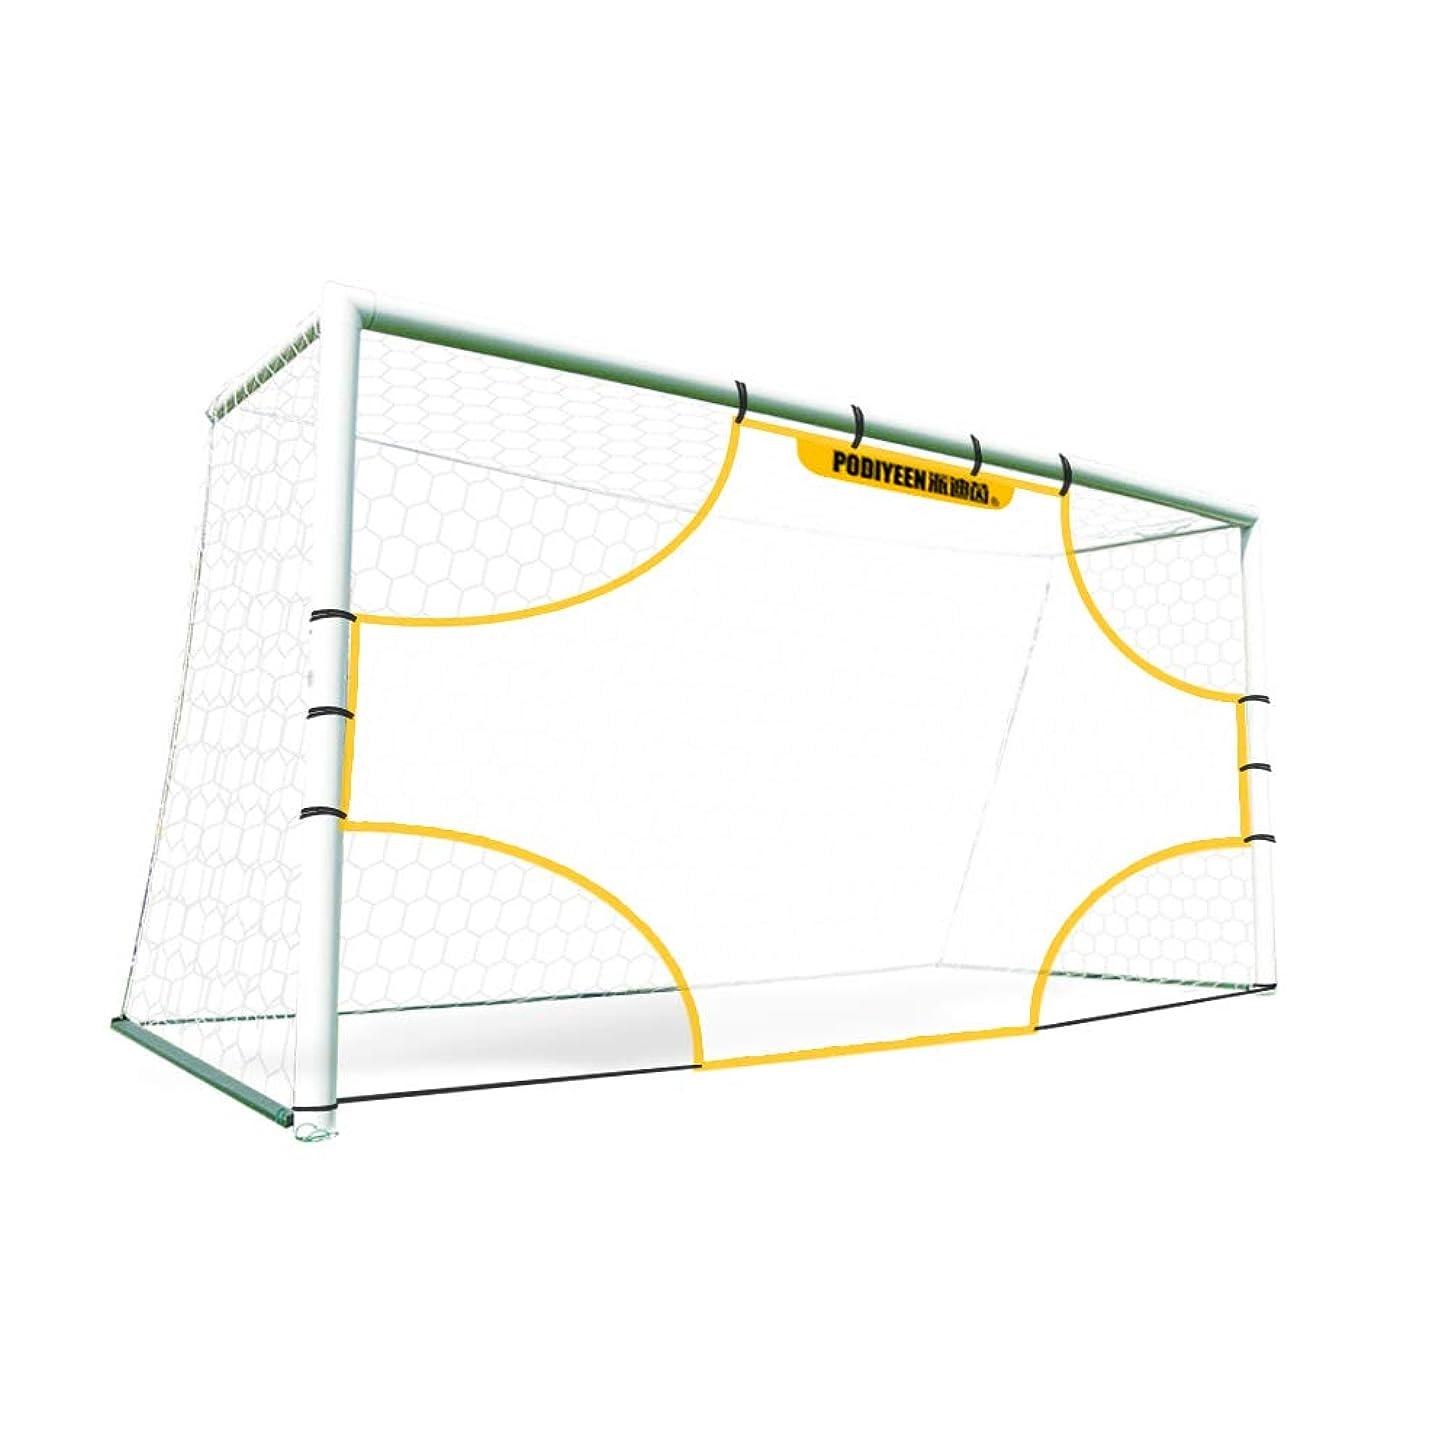 困惑する高めるどこかサッカー ターゲットネット ゴールネット ゴールネット練習用 ストラックアウト フリーキック練習